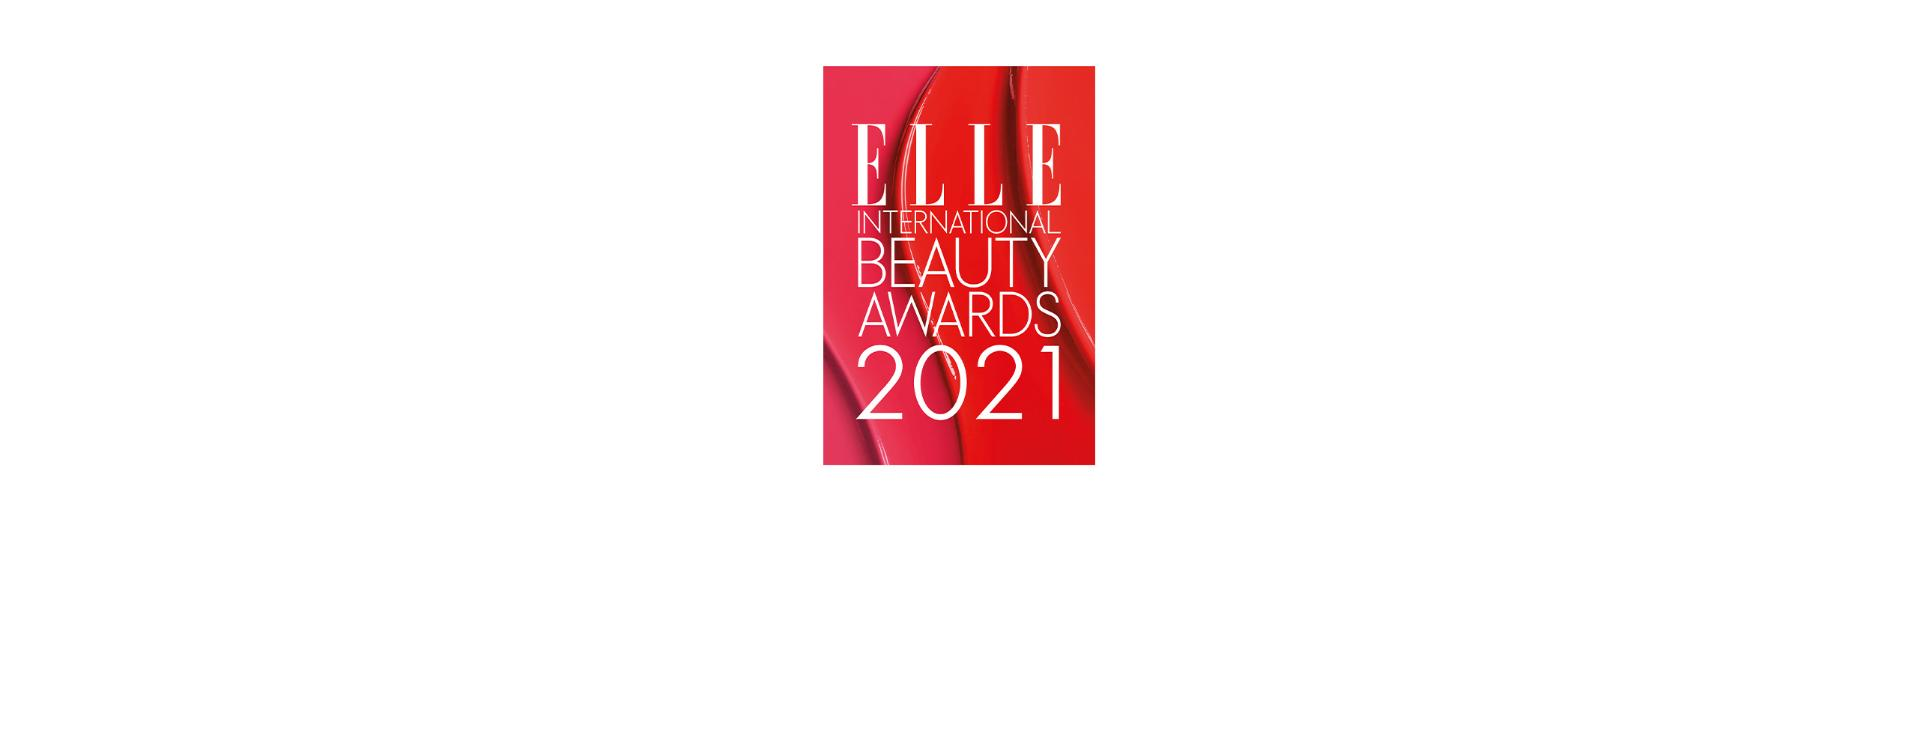 Elle award logo